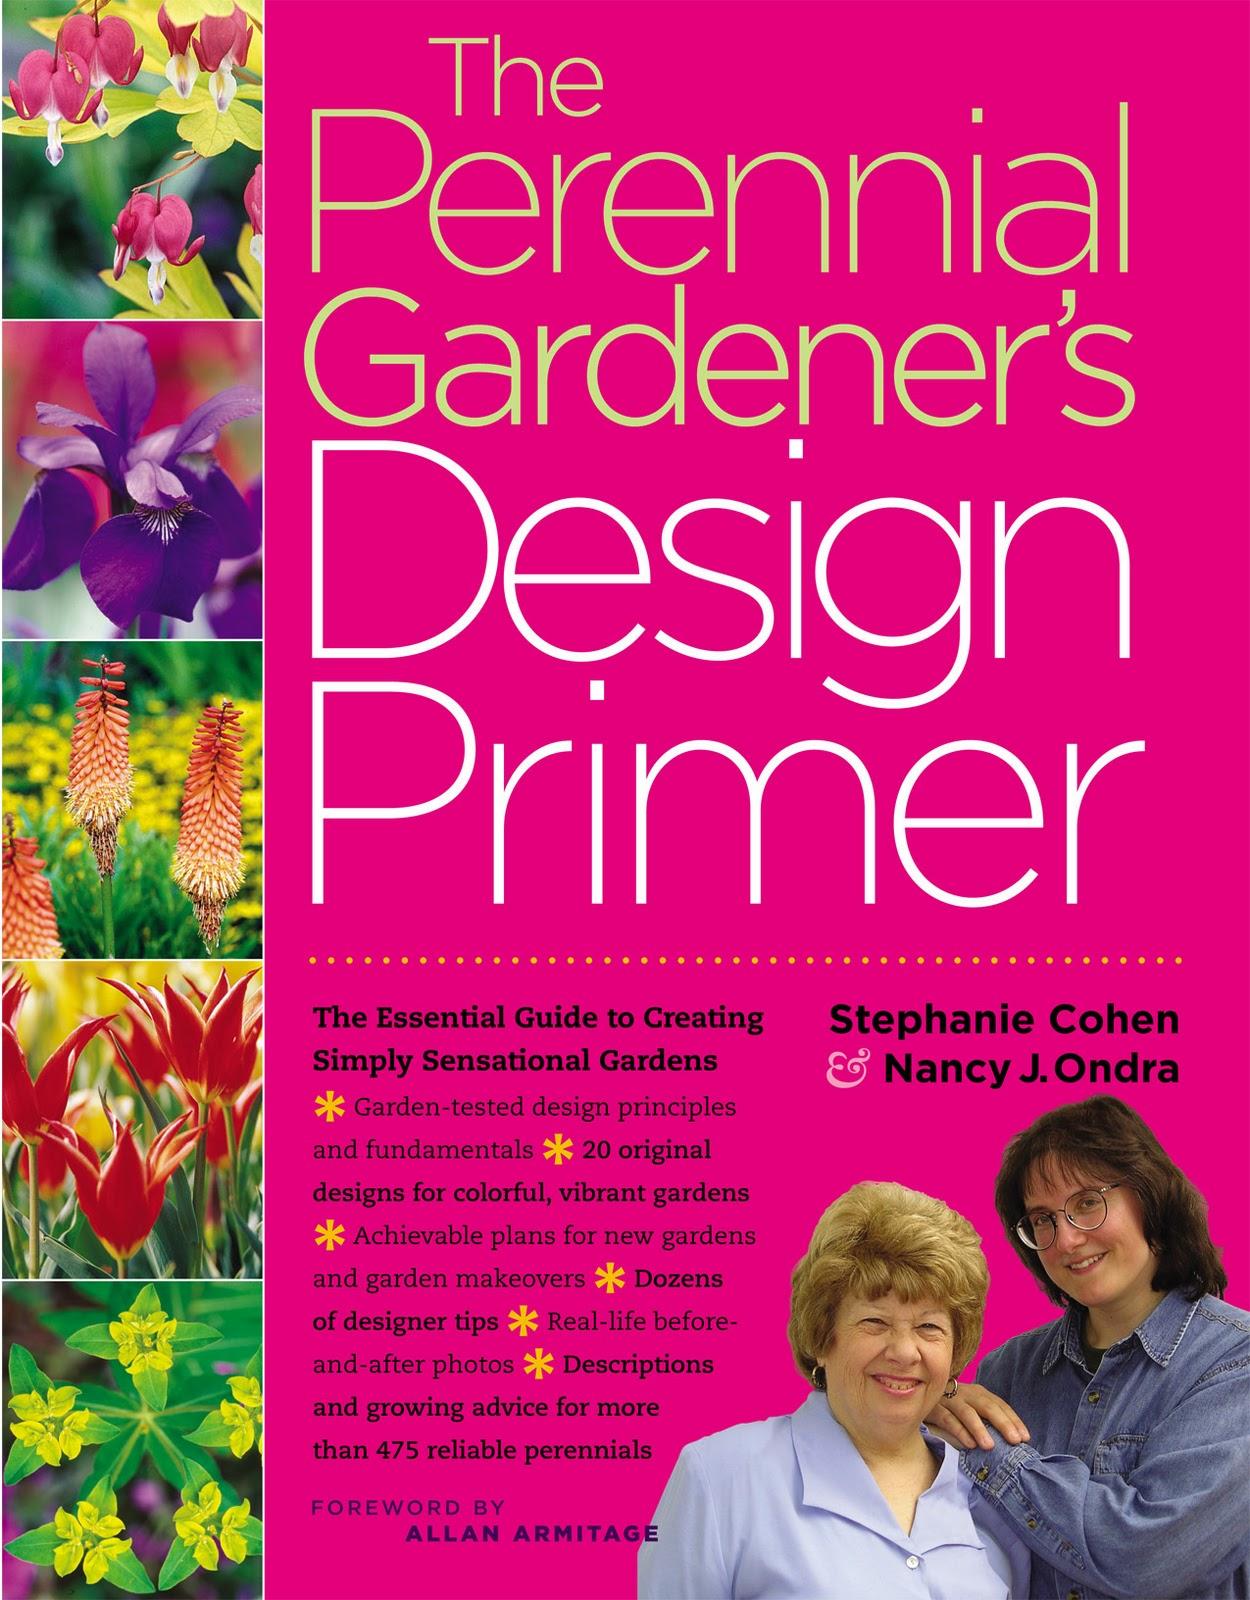 For our September 2011 Washington Gardener Magazine Reader Contest ...